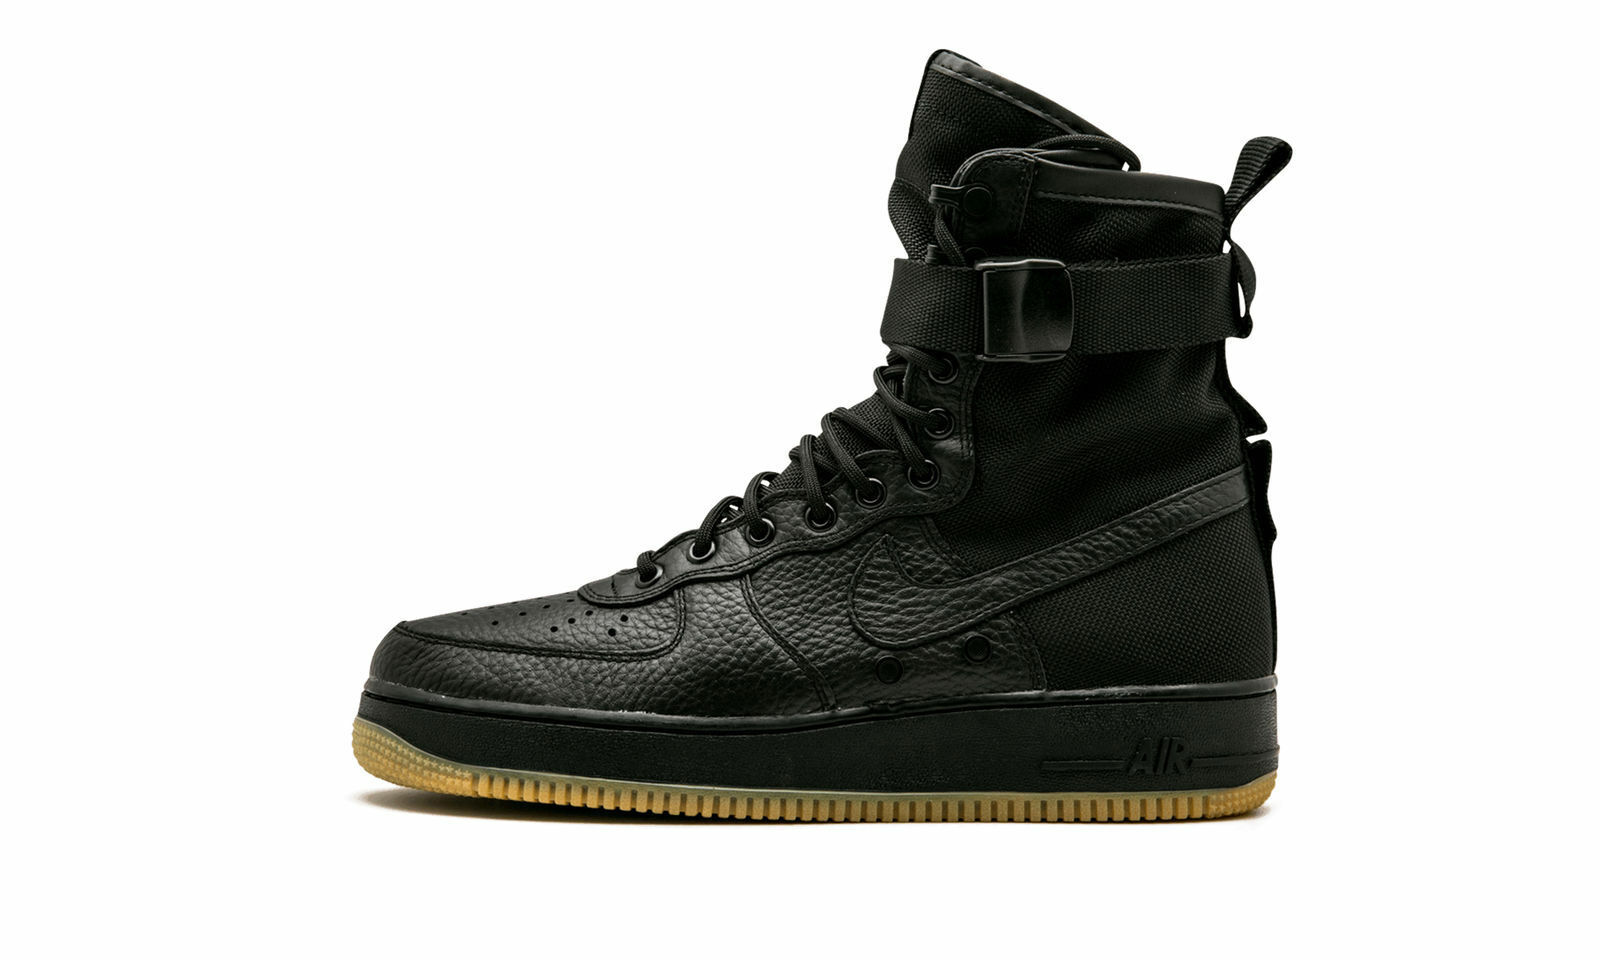 New Men's Nike SF AF1 Air Force 1 Black Gum Size 9 864024 001